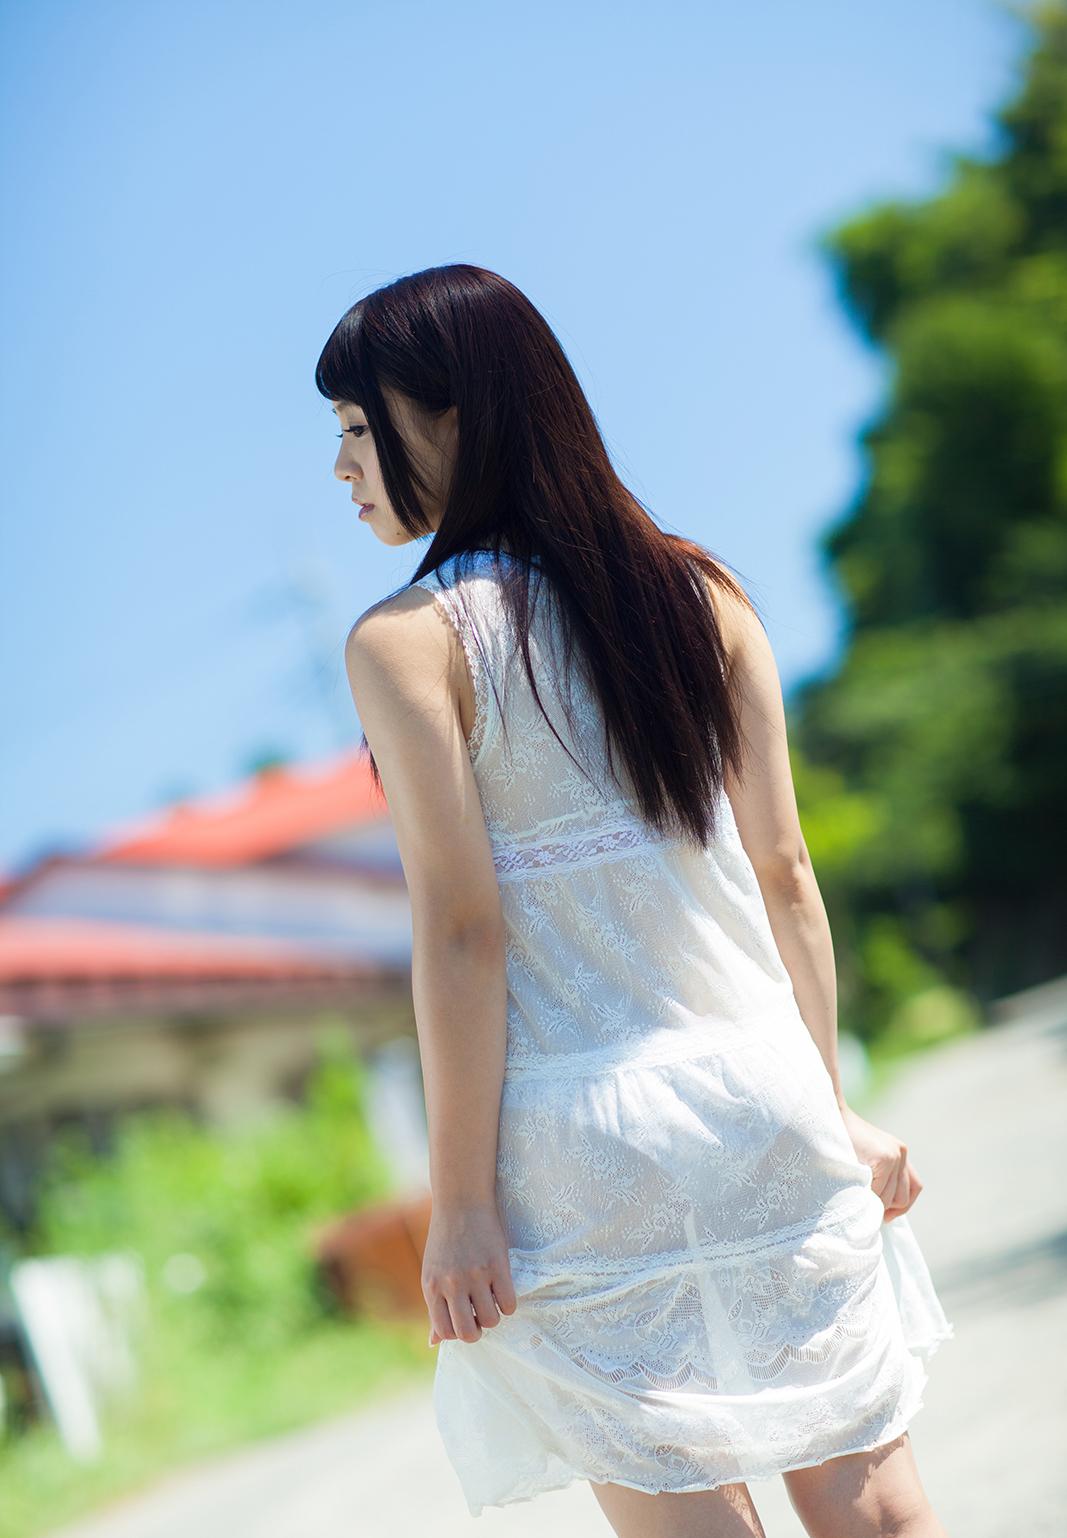 橋本麻耶 画像 4